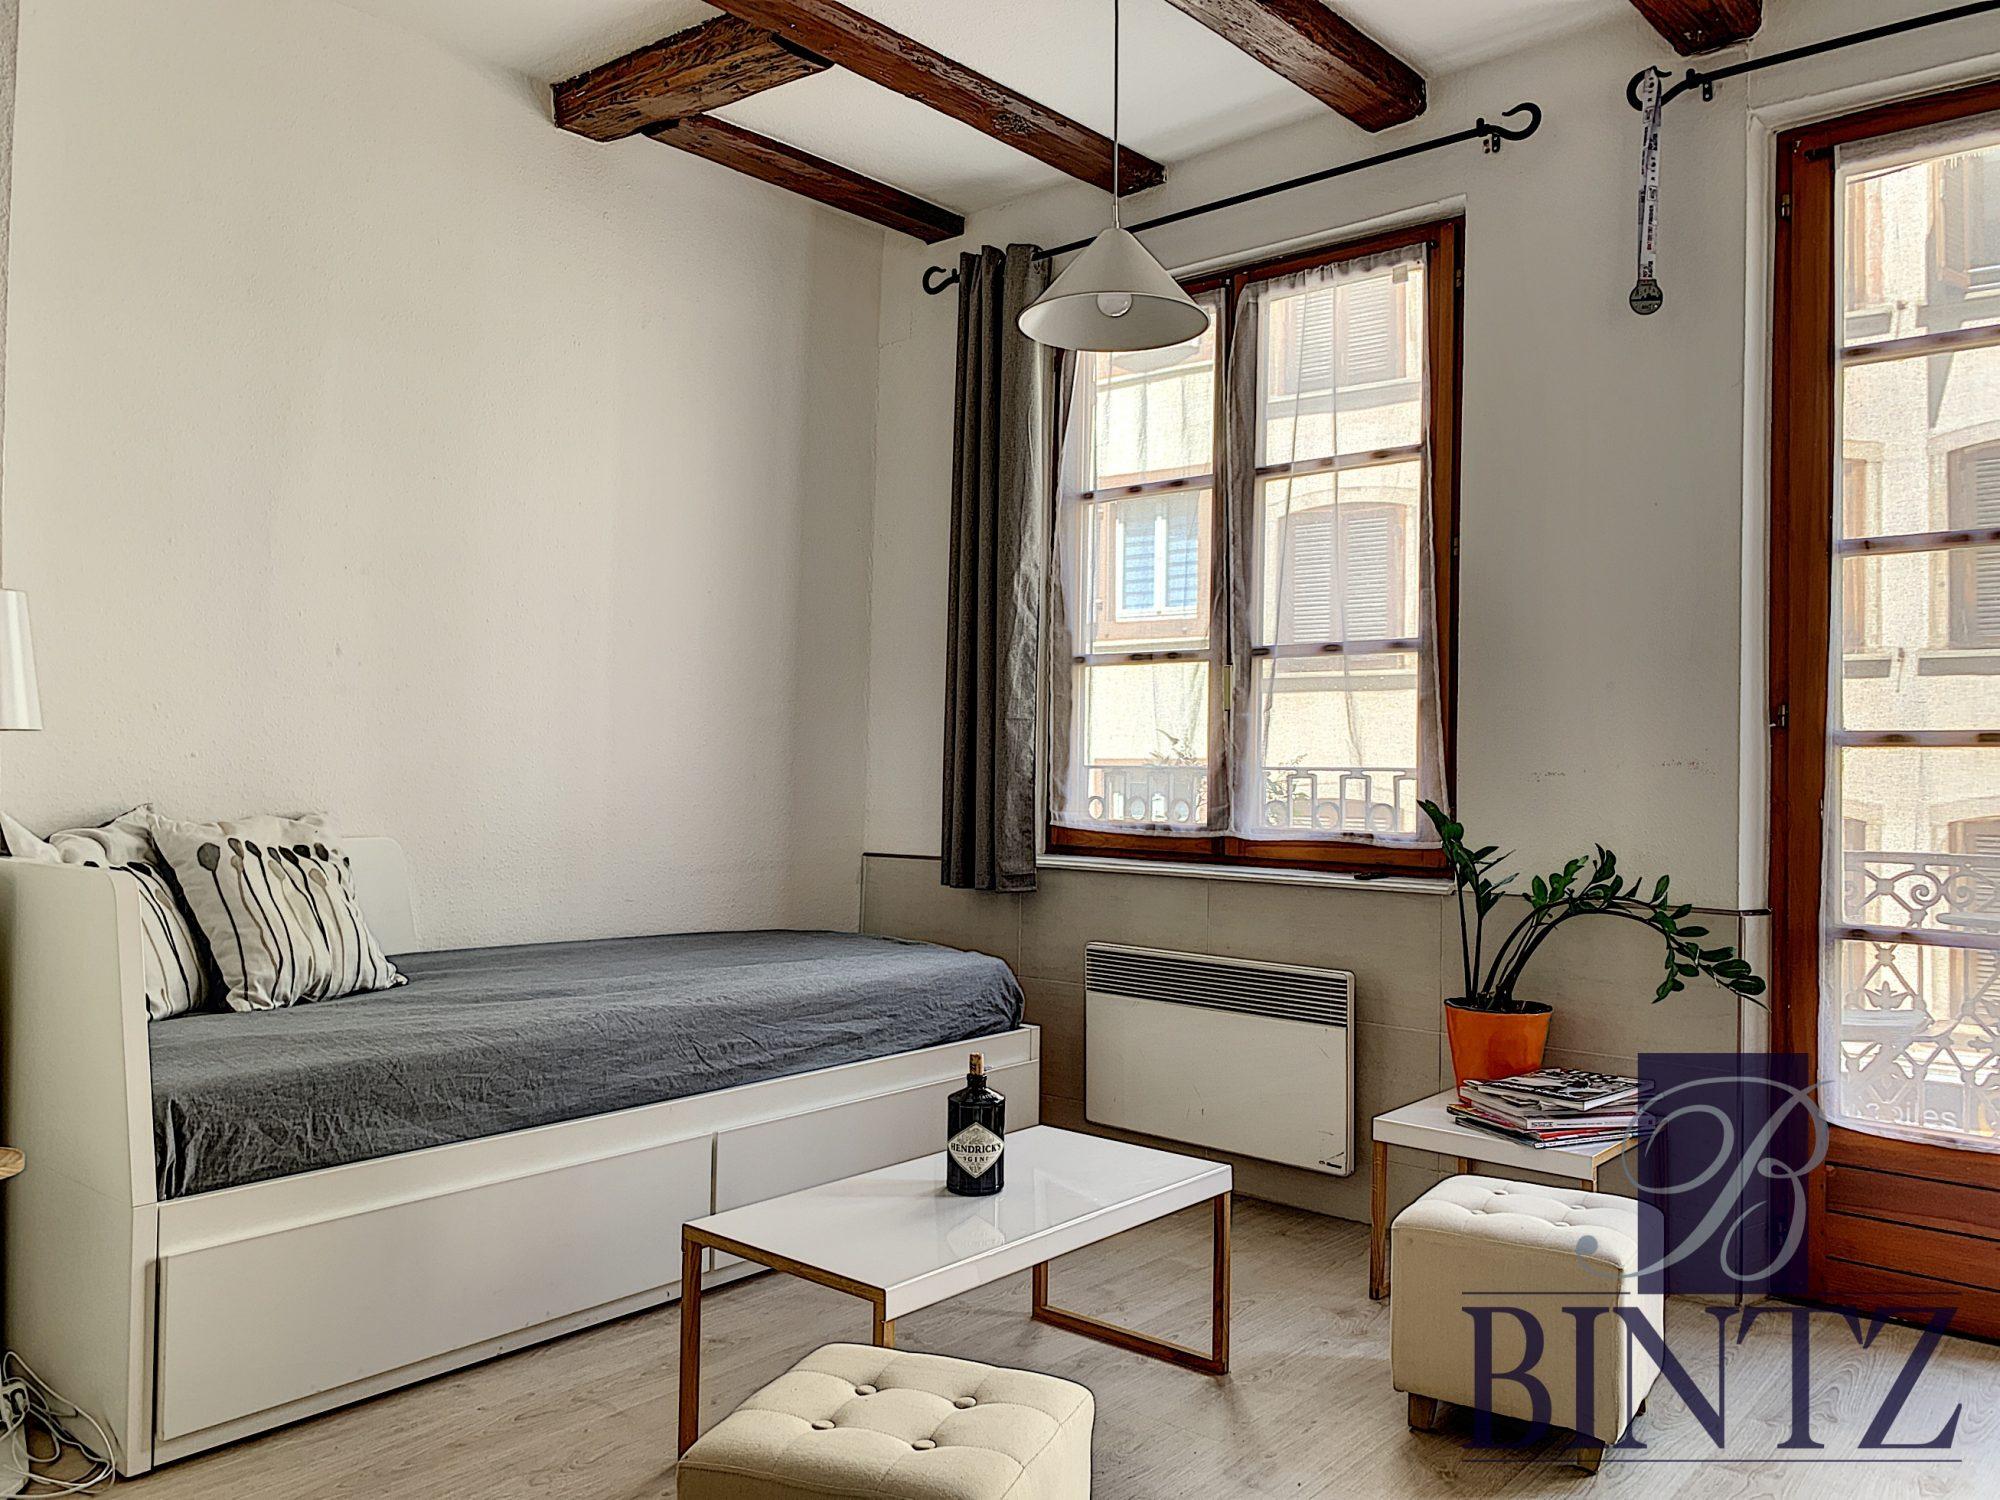 STUDIO MEUBLE HYPER CENTRE - Devenez locataire en toute sérénité - Bintz Immobilier - 4